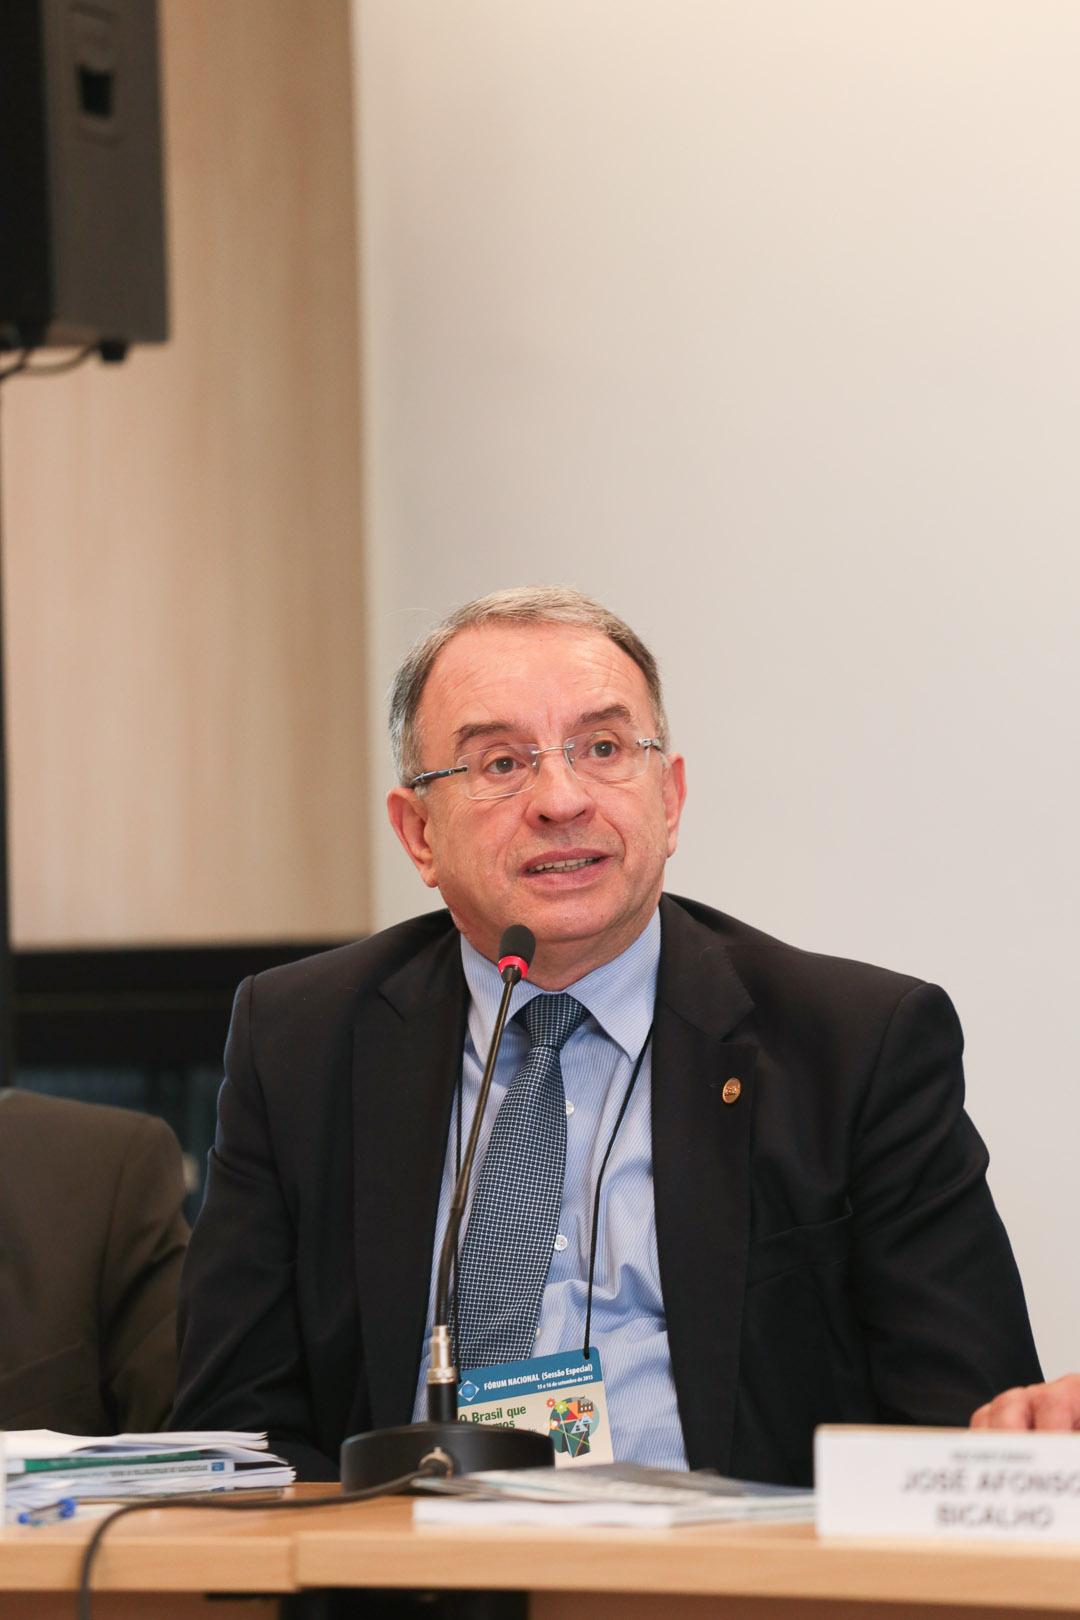 Jose Carlos Marins